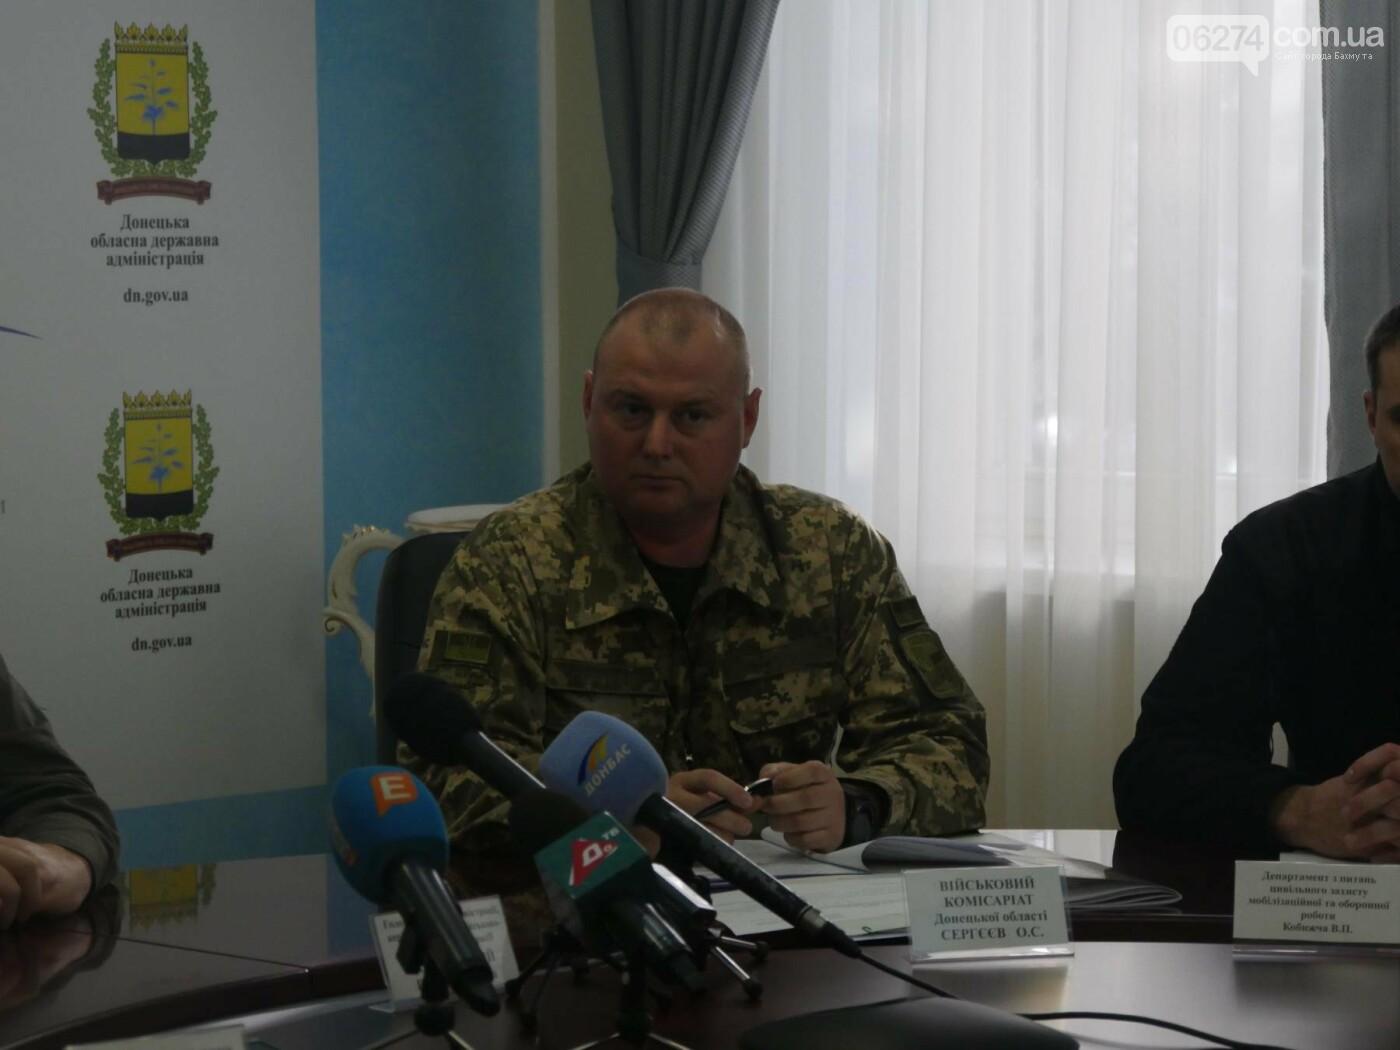 В Донецкой ОГА рассказали об осенней призывной кампании и строительстве Сечи в Бахмутском районе, фото-4